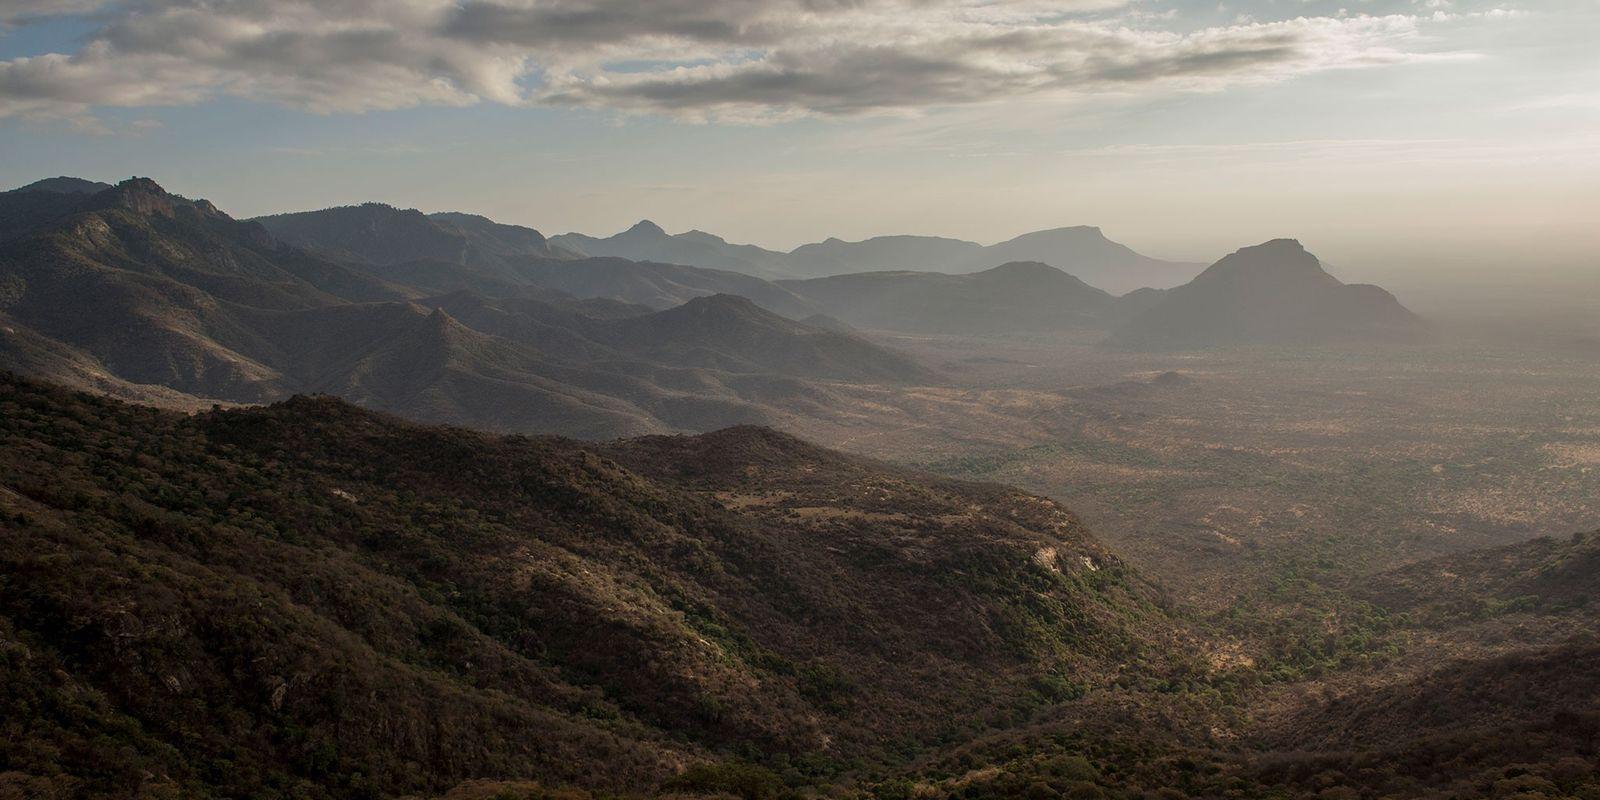 Para mantener el planeta floreciente, el 30% de la Tierra necesita protección para el 2030